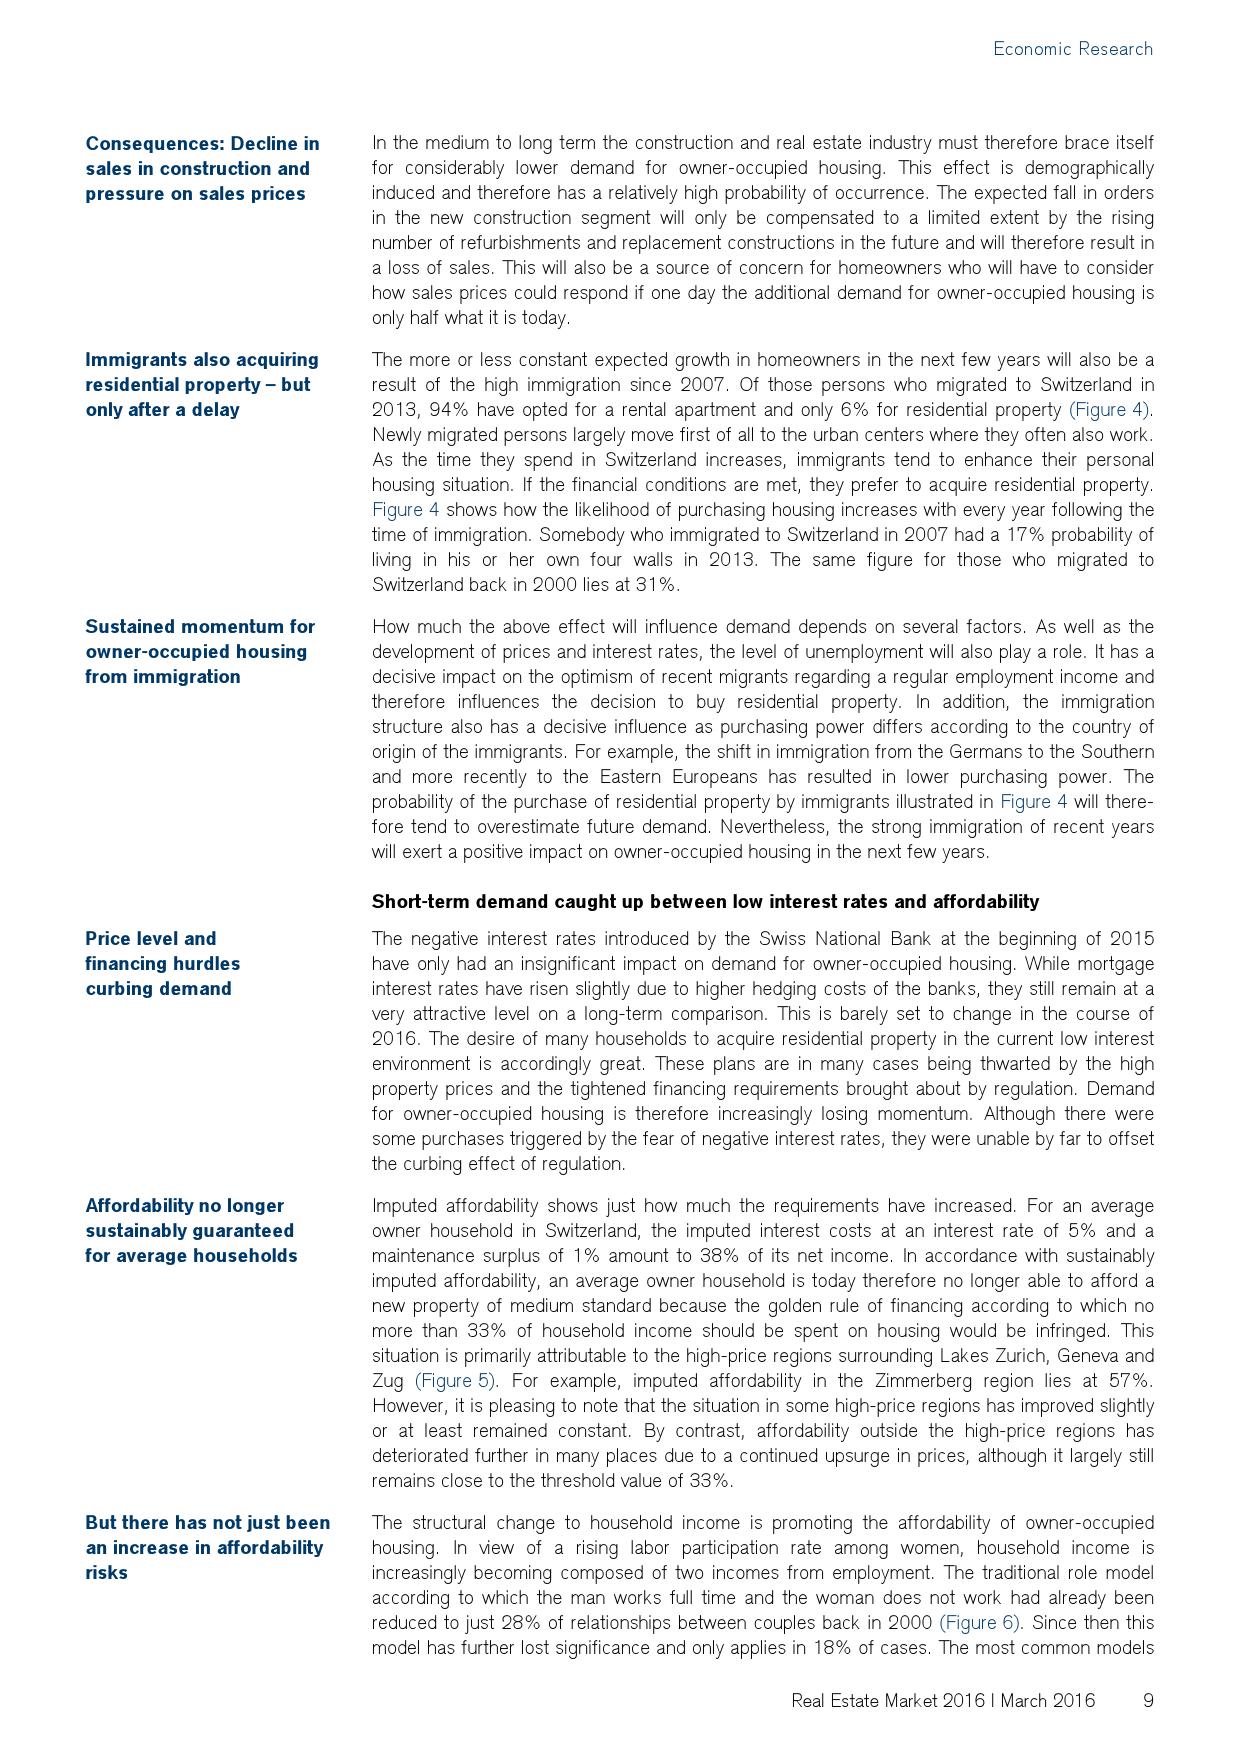 2016年瑞士房地产市场研究报告_000009